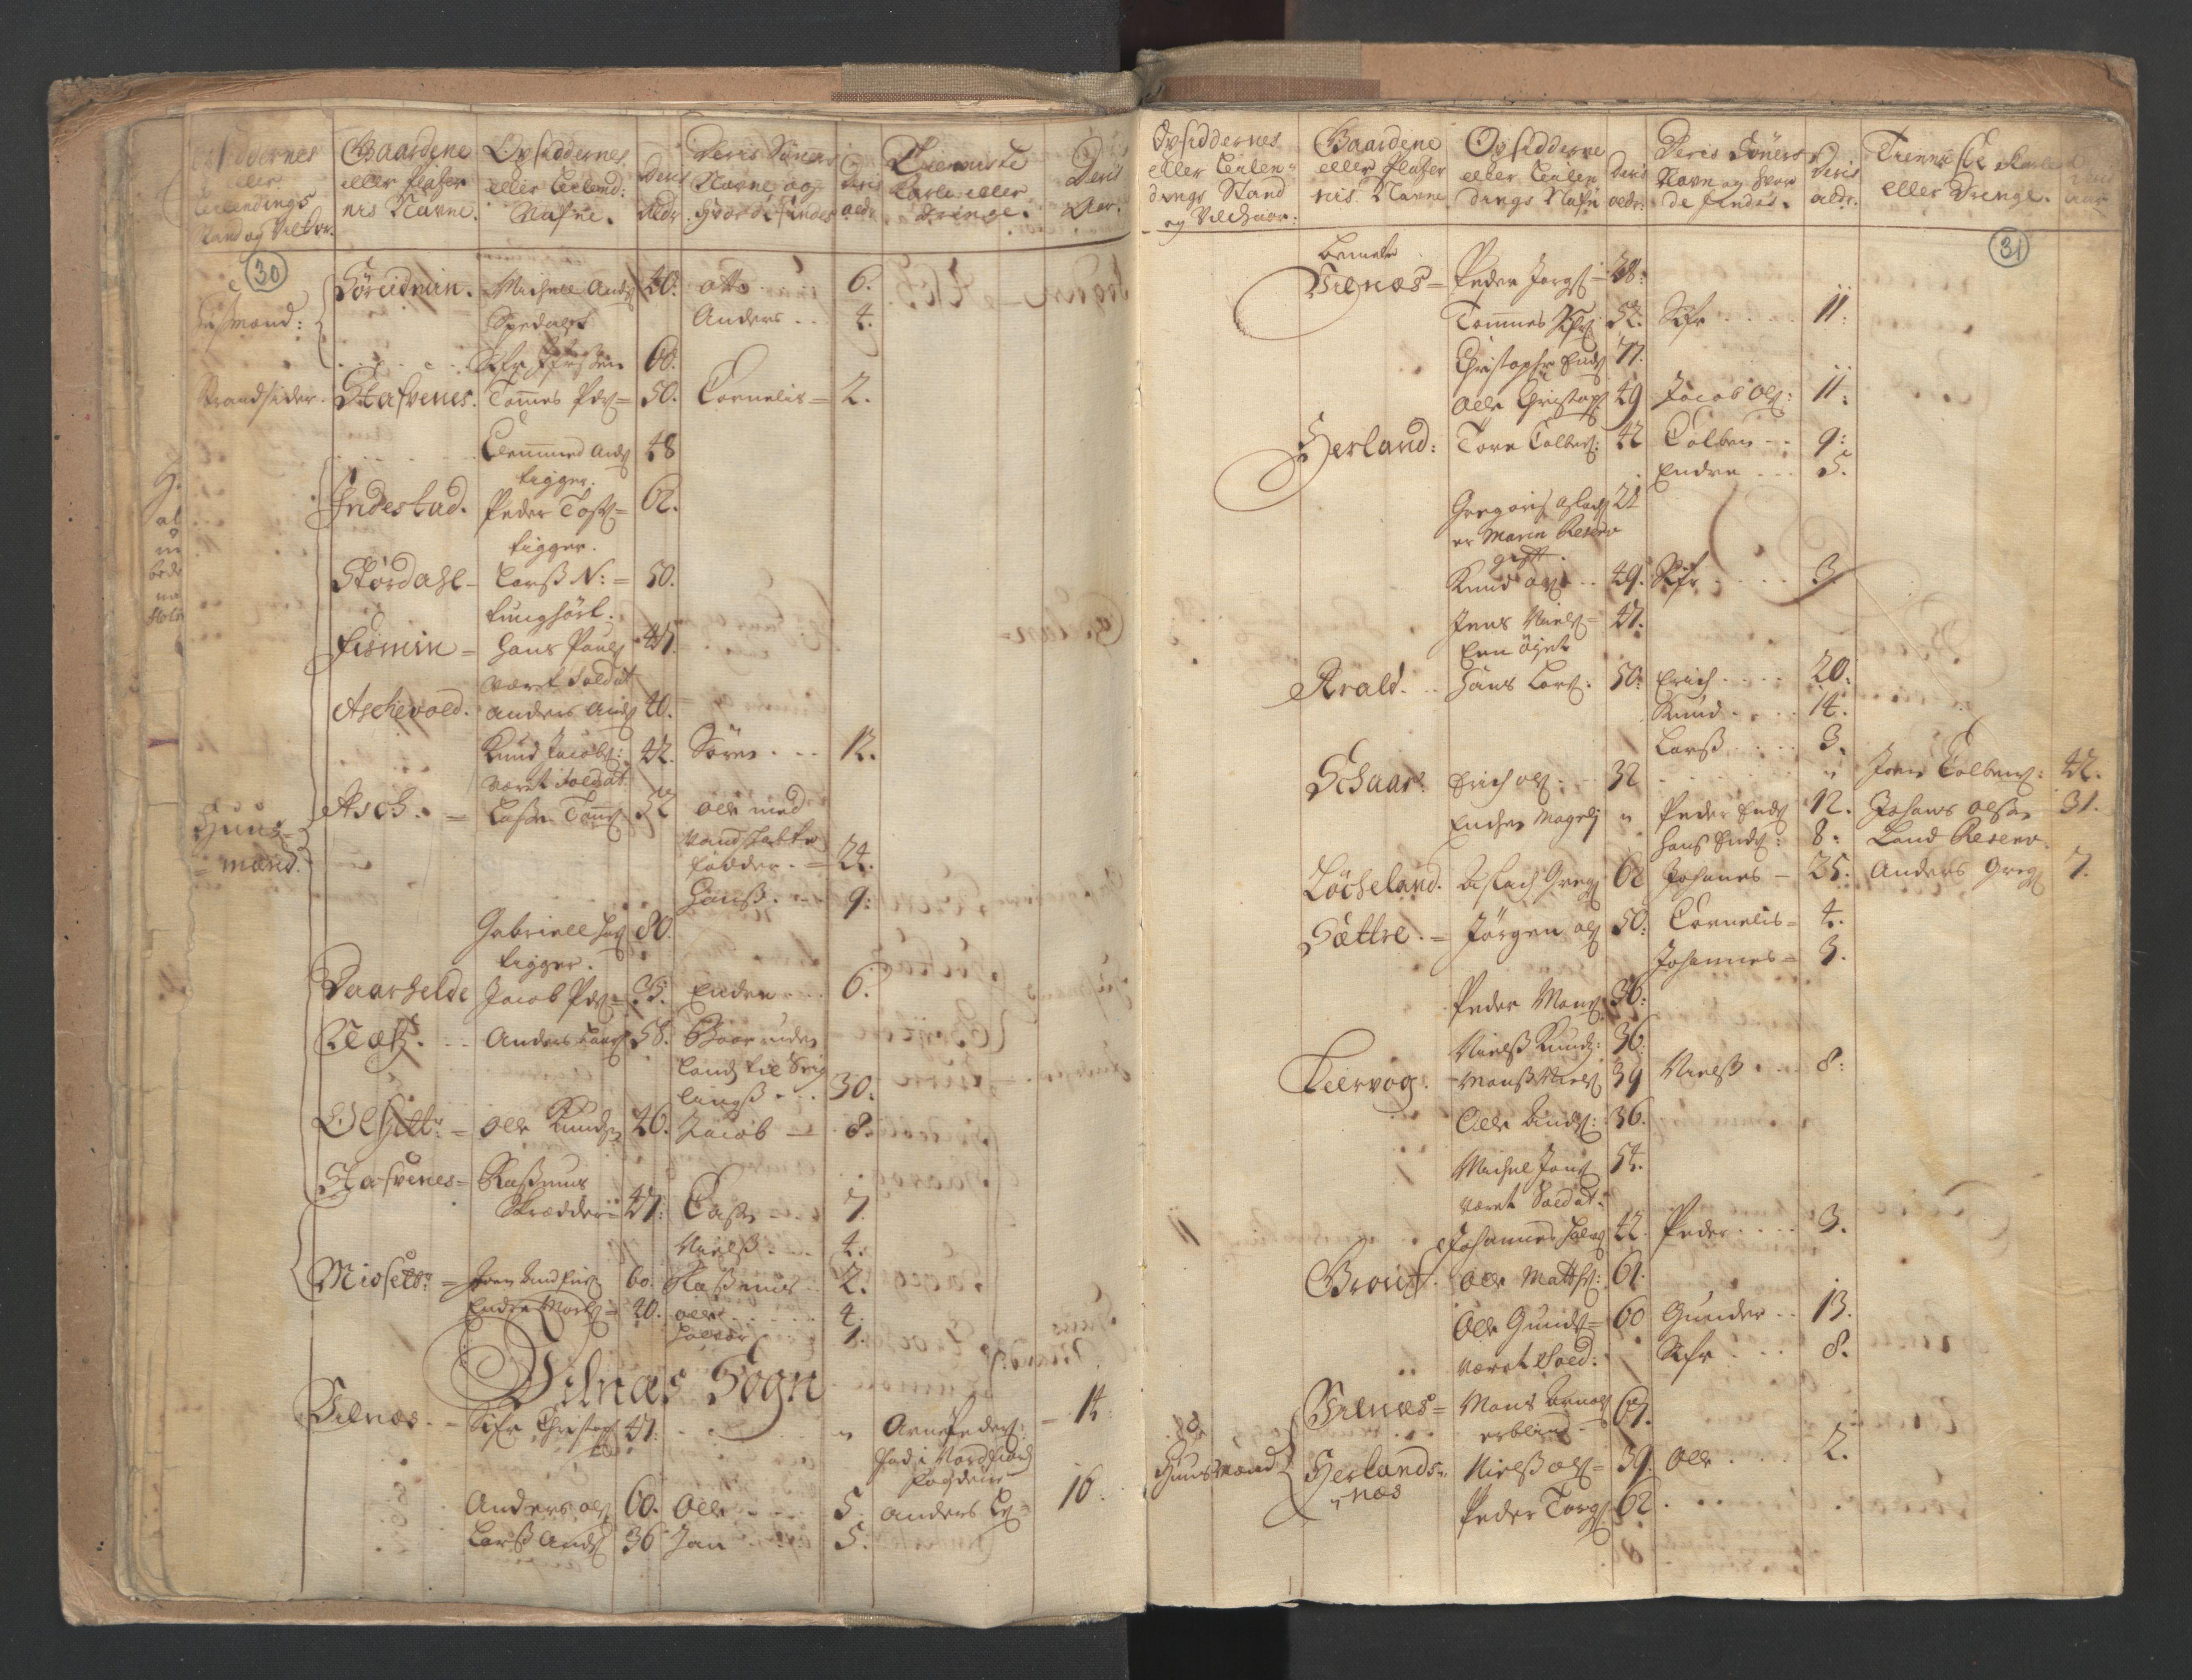 RA, Census (manntall) 1701, no. 9: Sunnfjord fogderi, Nordfjord fogderi and Svanø birk, 1701, p. 30-31